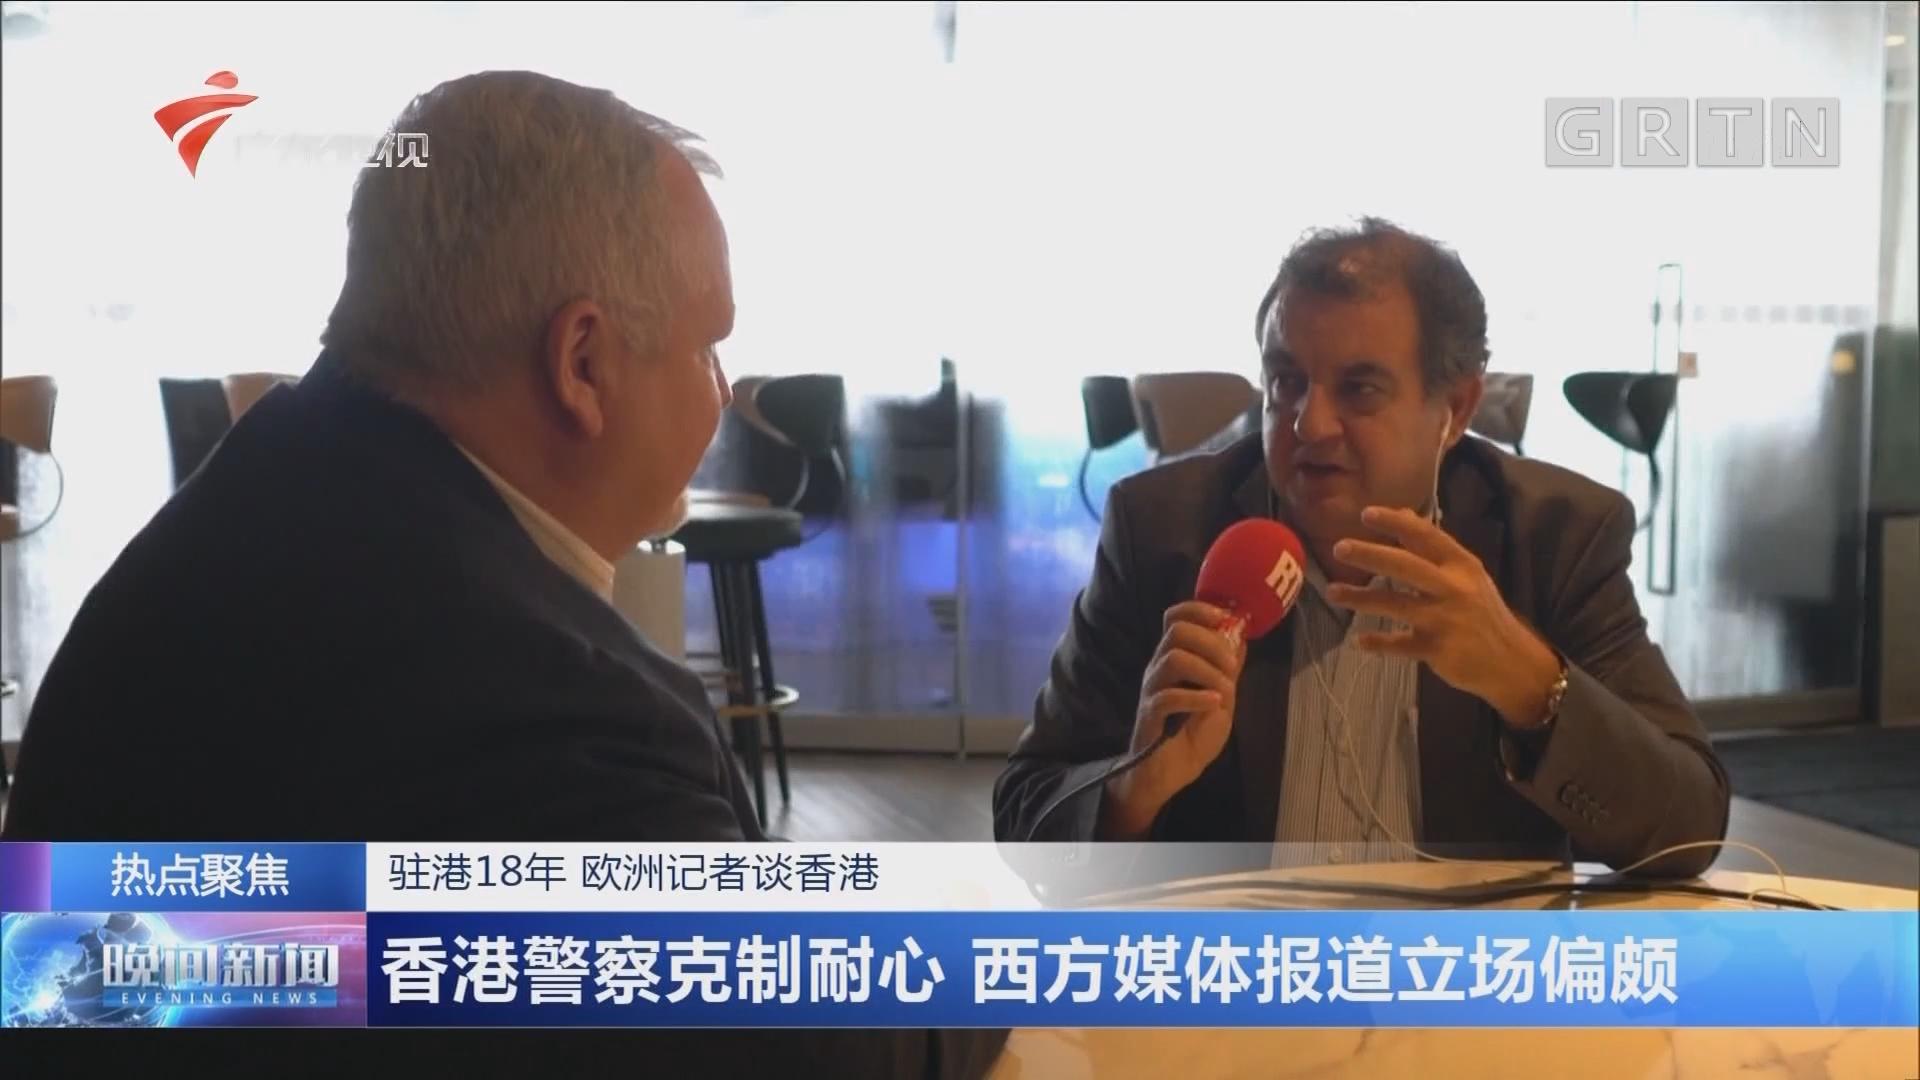 驻港18年 欧洲记者谈香港:香港警察克制耐心 西方媒体报道立场偏颇